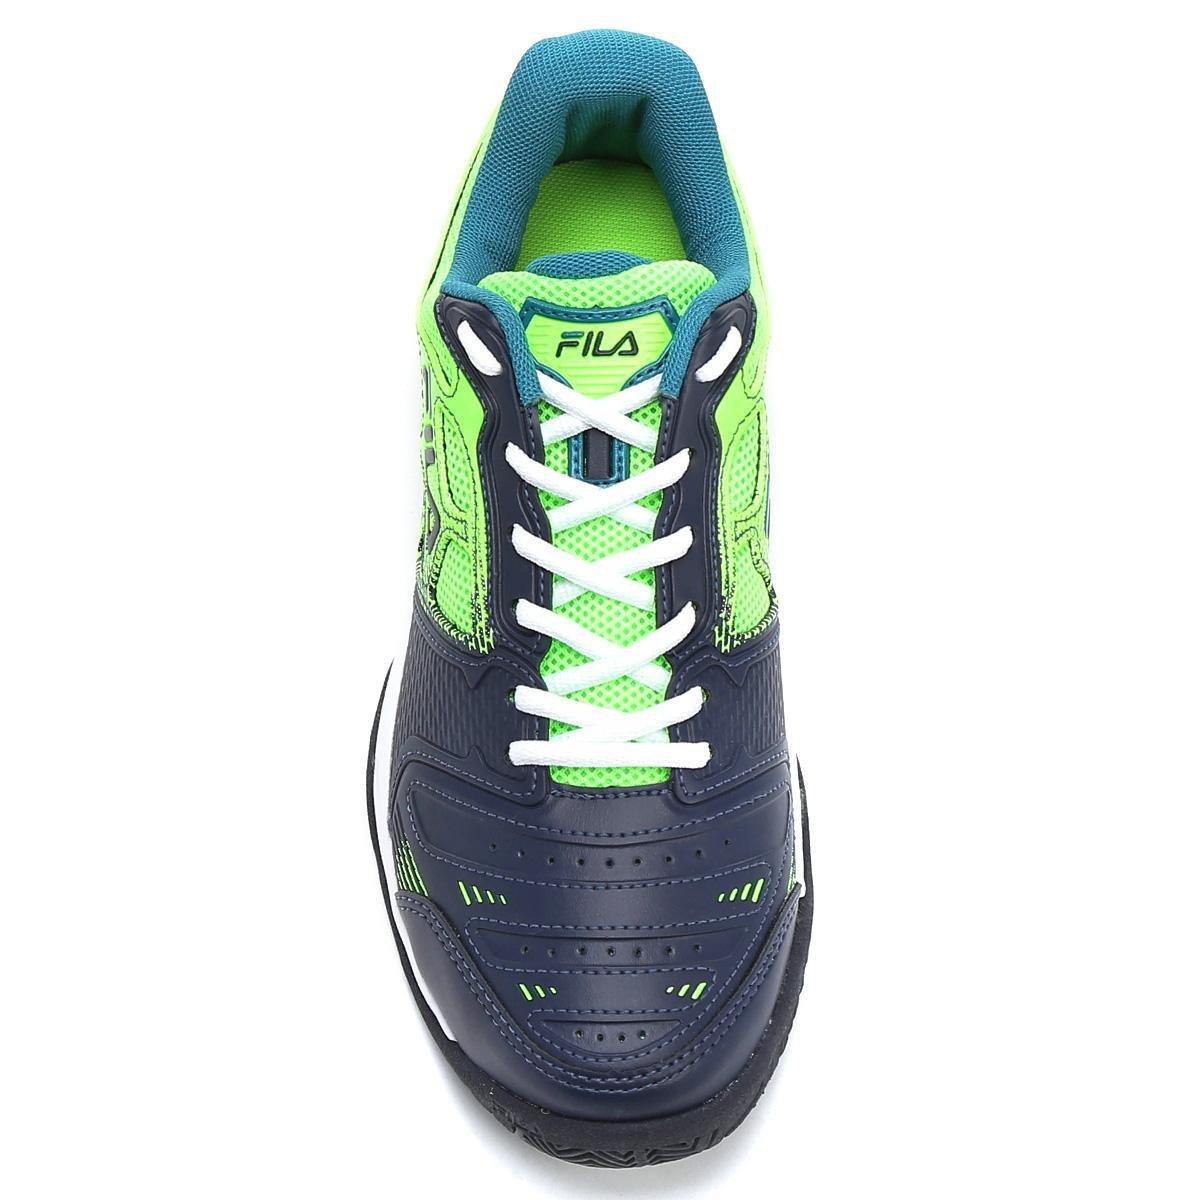 Tênis Fila Top Spin 2.0 Masculino - Marinho e Verde - Compre Agora ... 67b30a1e455a9